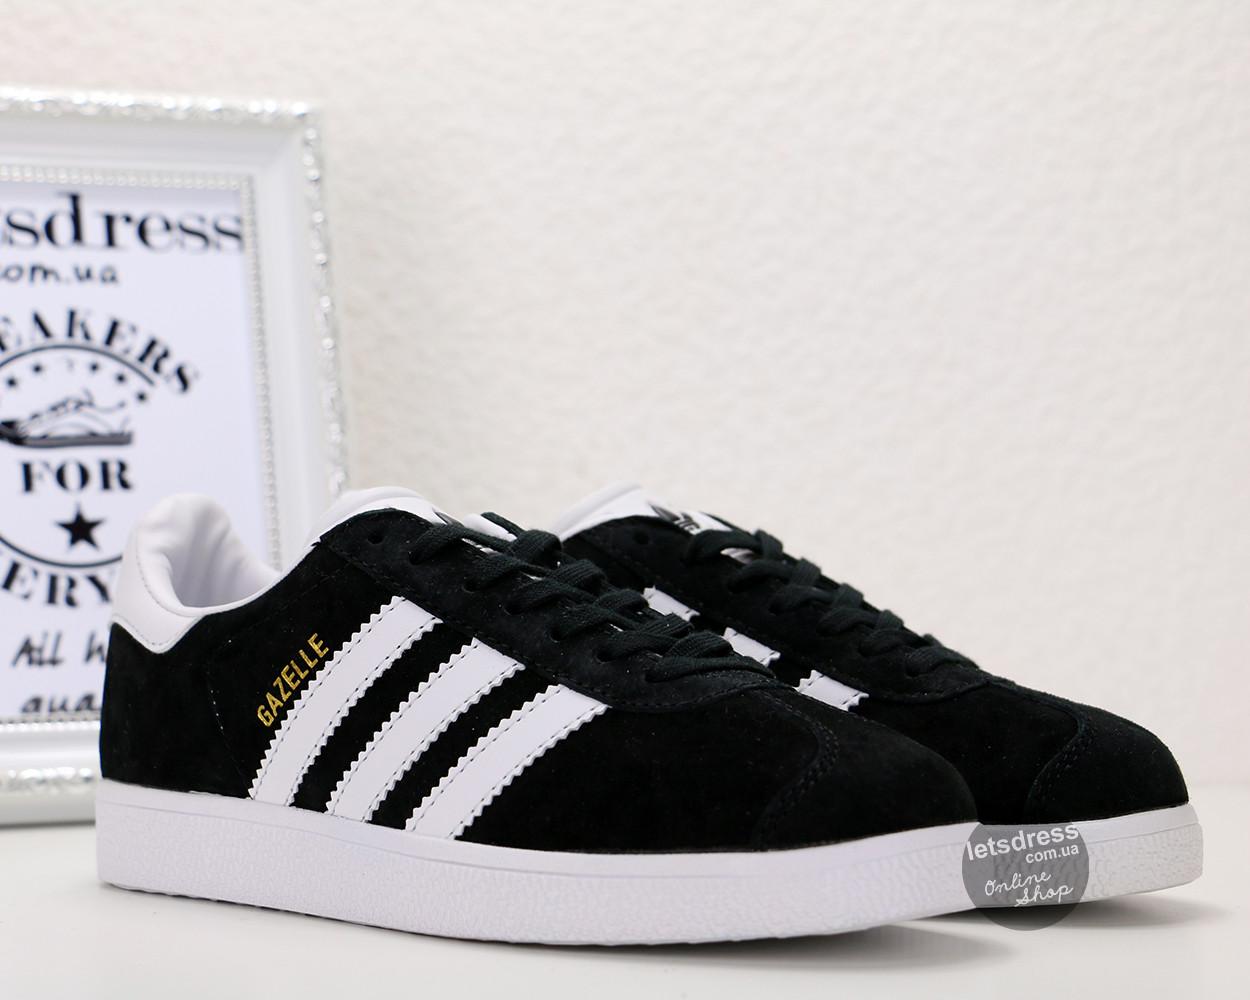 Кроссовки-кеды женские Adidas Gazelle Black оригинал   Адидас Газель  женские черные c0c4a2f0d0f